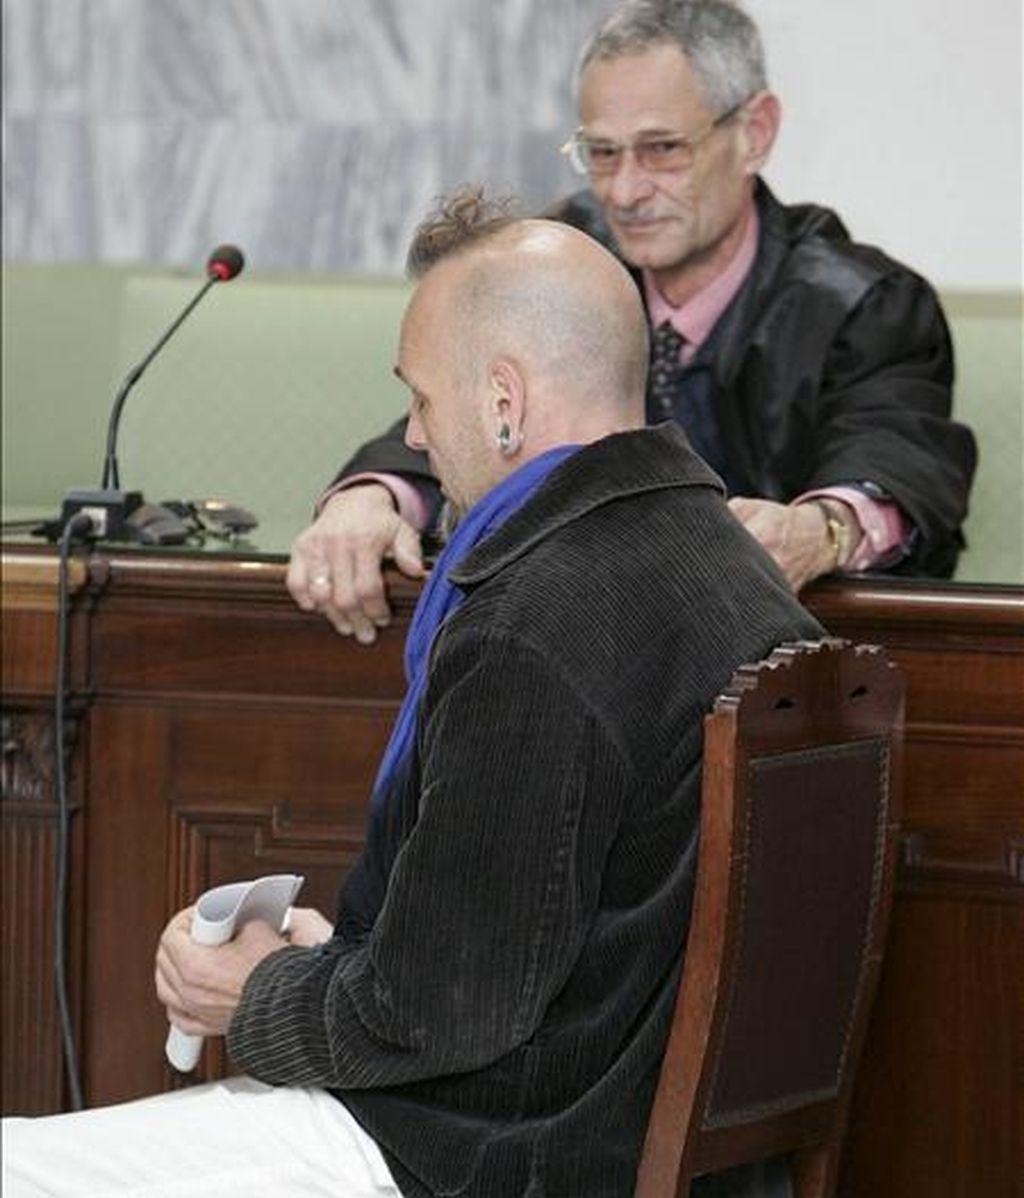 El grancanario Juan Carmelo Santana, de 42 años, durante el juicio en la Audiencia Provincial de Las Palmas. EFE/Archivo